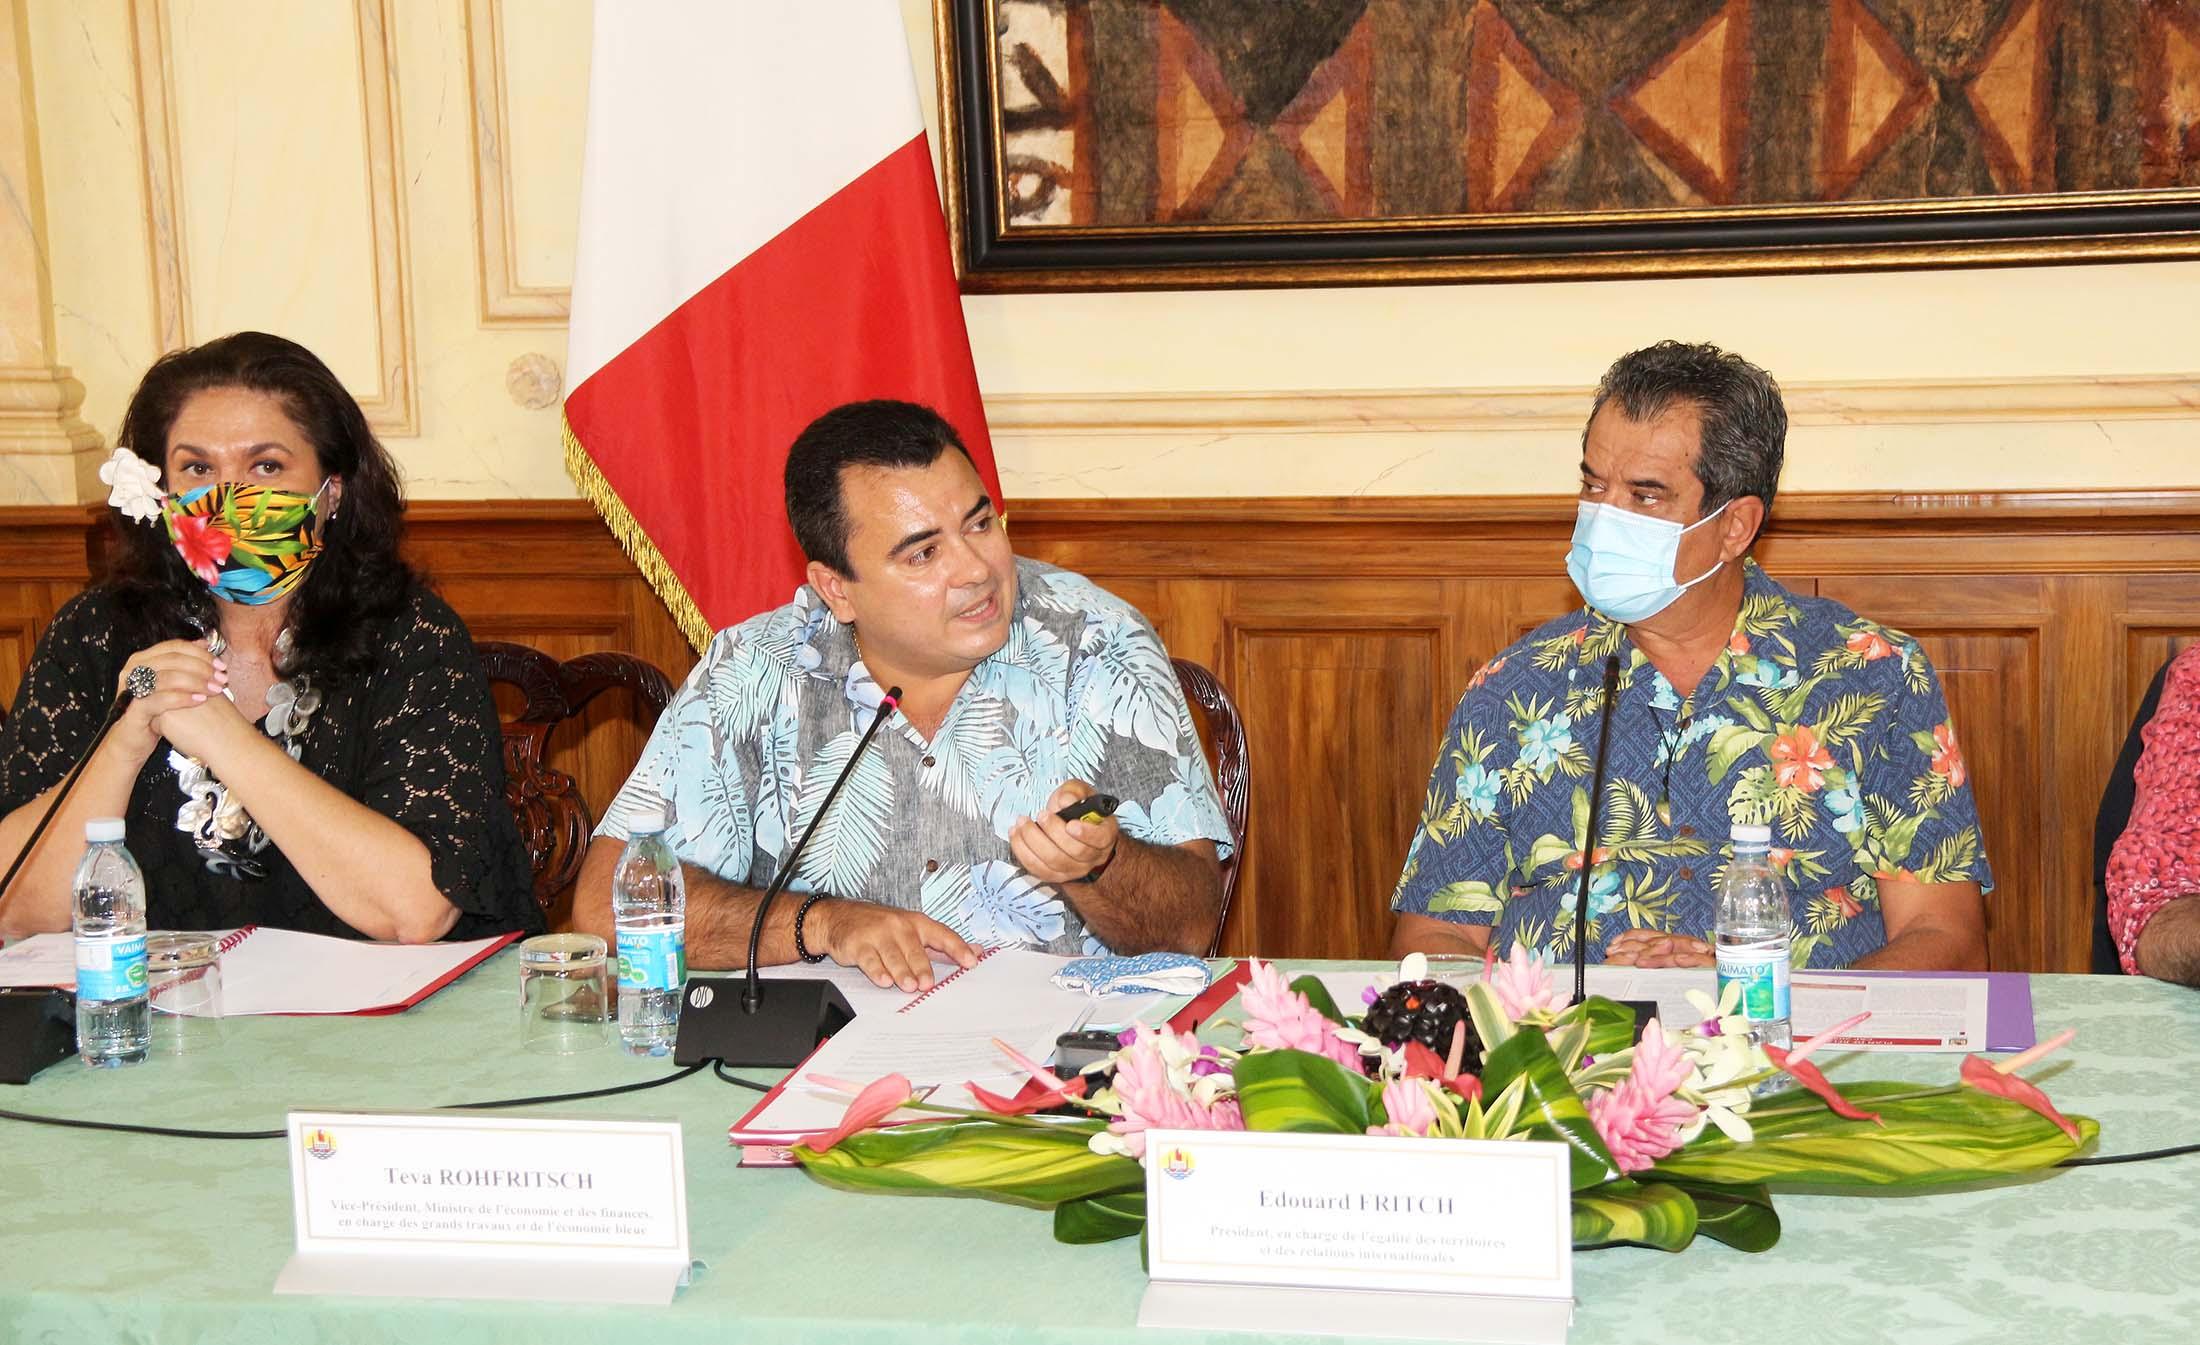 En 2014, Teva Rohfritsch a rejoint Édouard Fritch, président de la Polynésie, pour former une majorité, réélue en 2018. Il avait notamment occupé le poste de Vice-président et a préparé le plan de relance économique de la Polynésie ©Gouvernement de la Polynésie